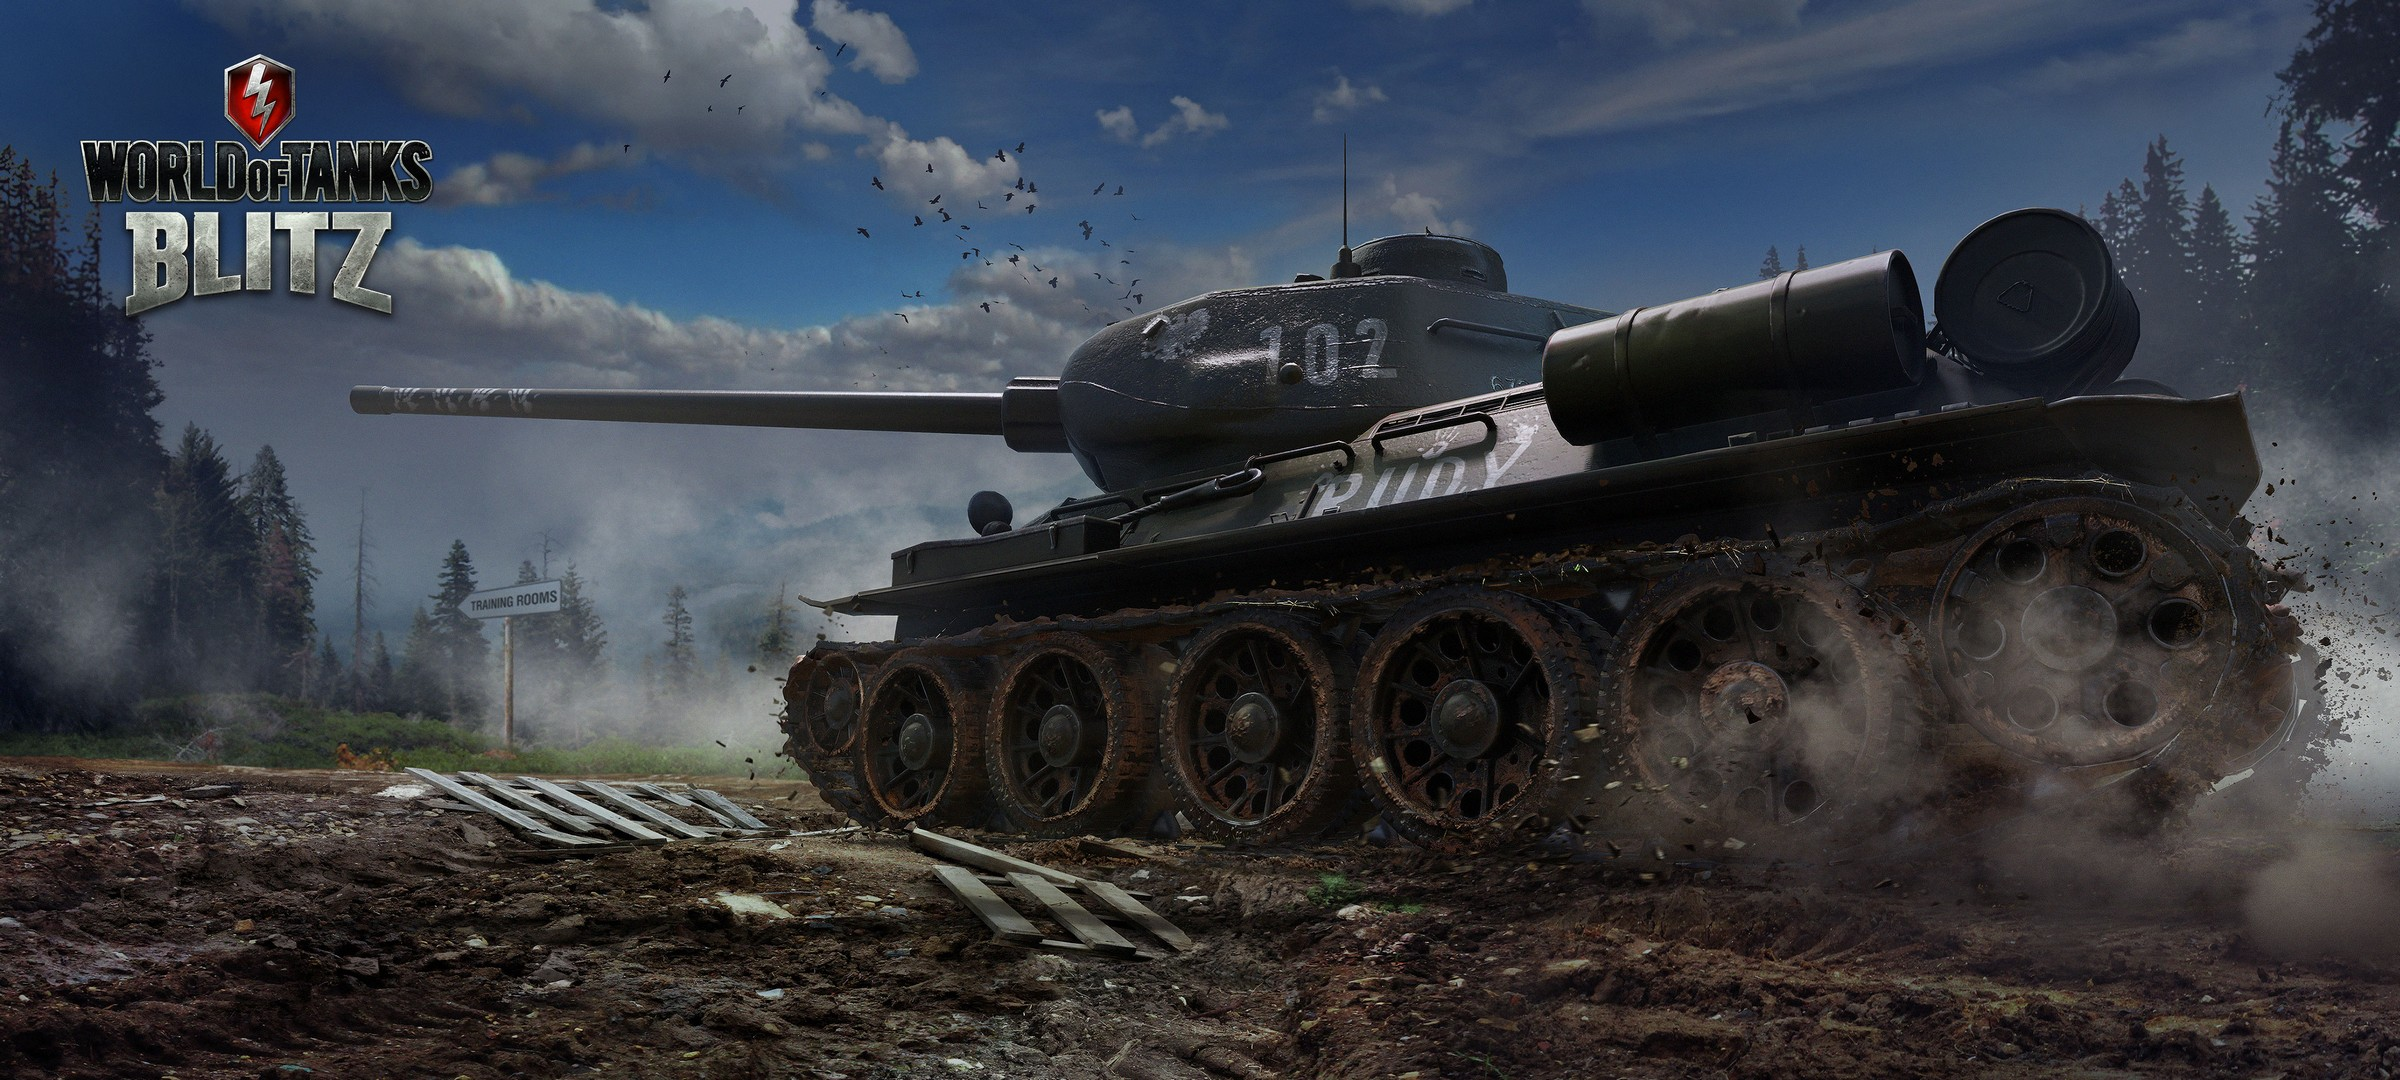 World Of Tanks Blitz Steam Release Allgamers